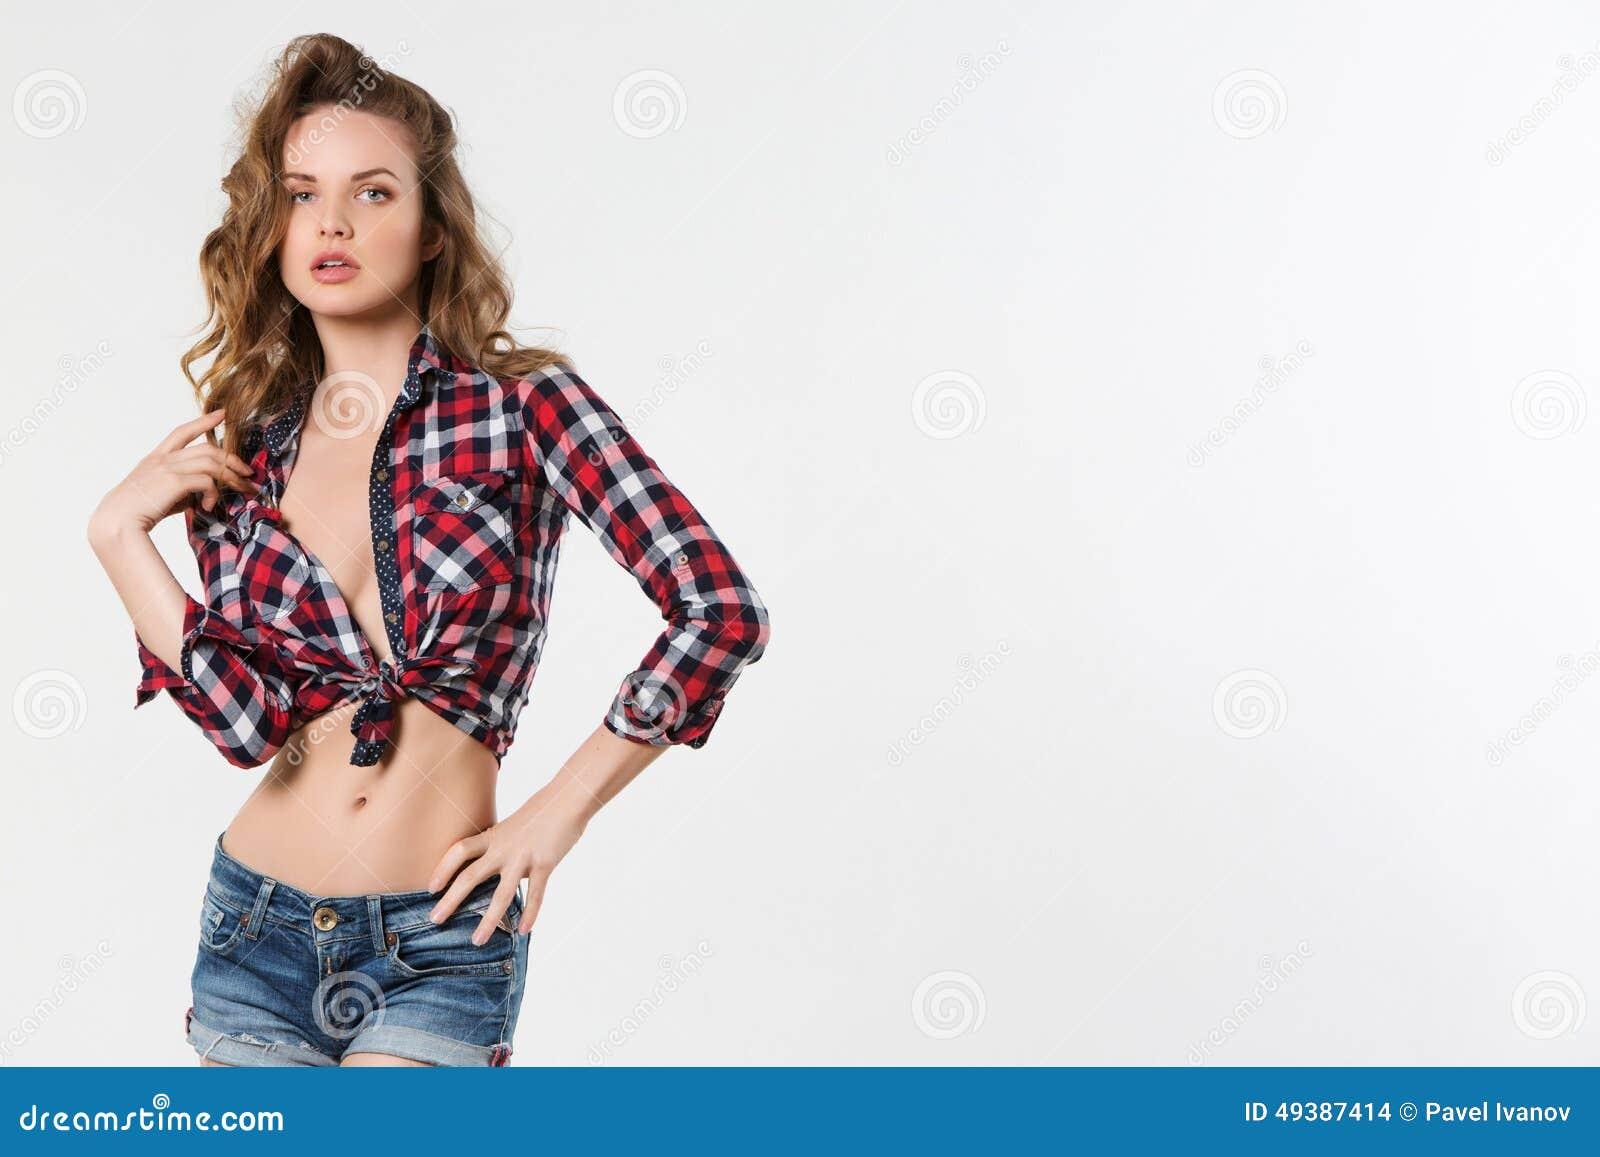 Сексуальная девушка в рубашке